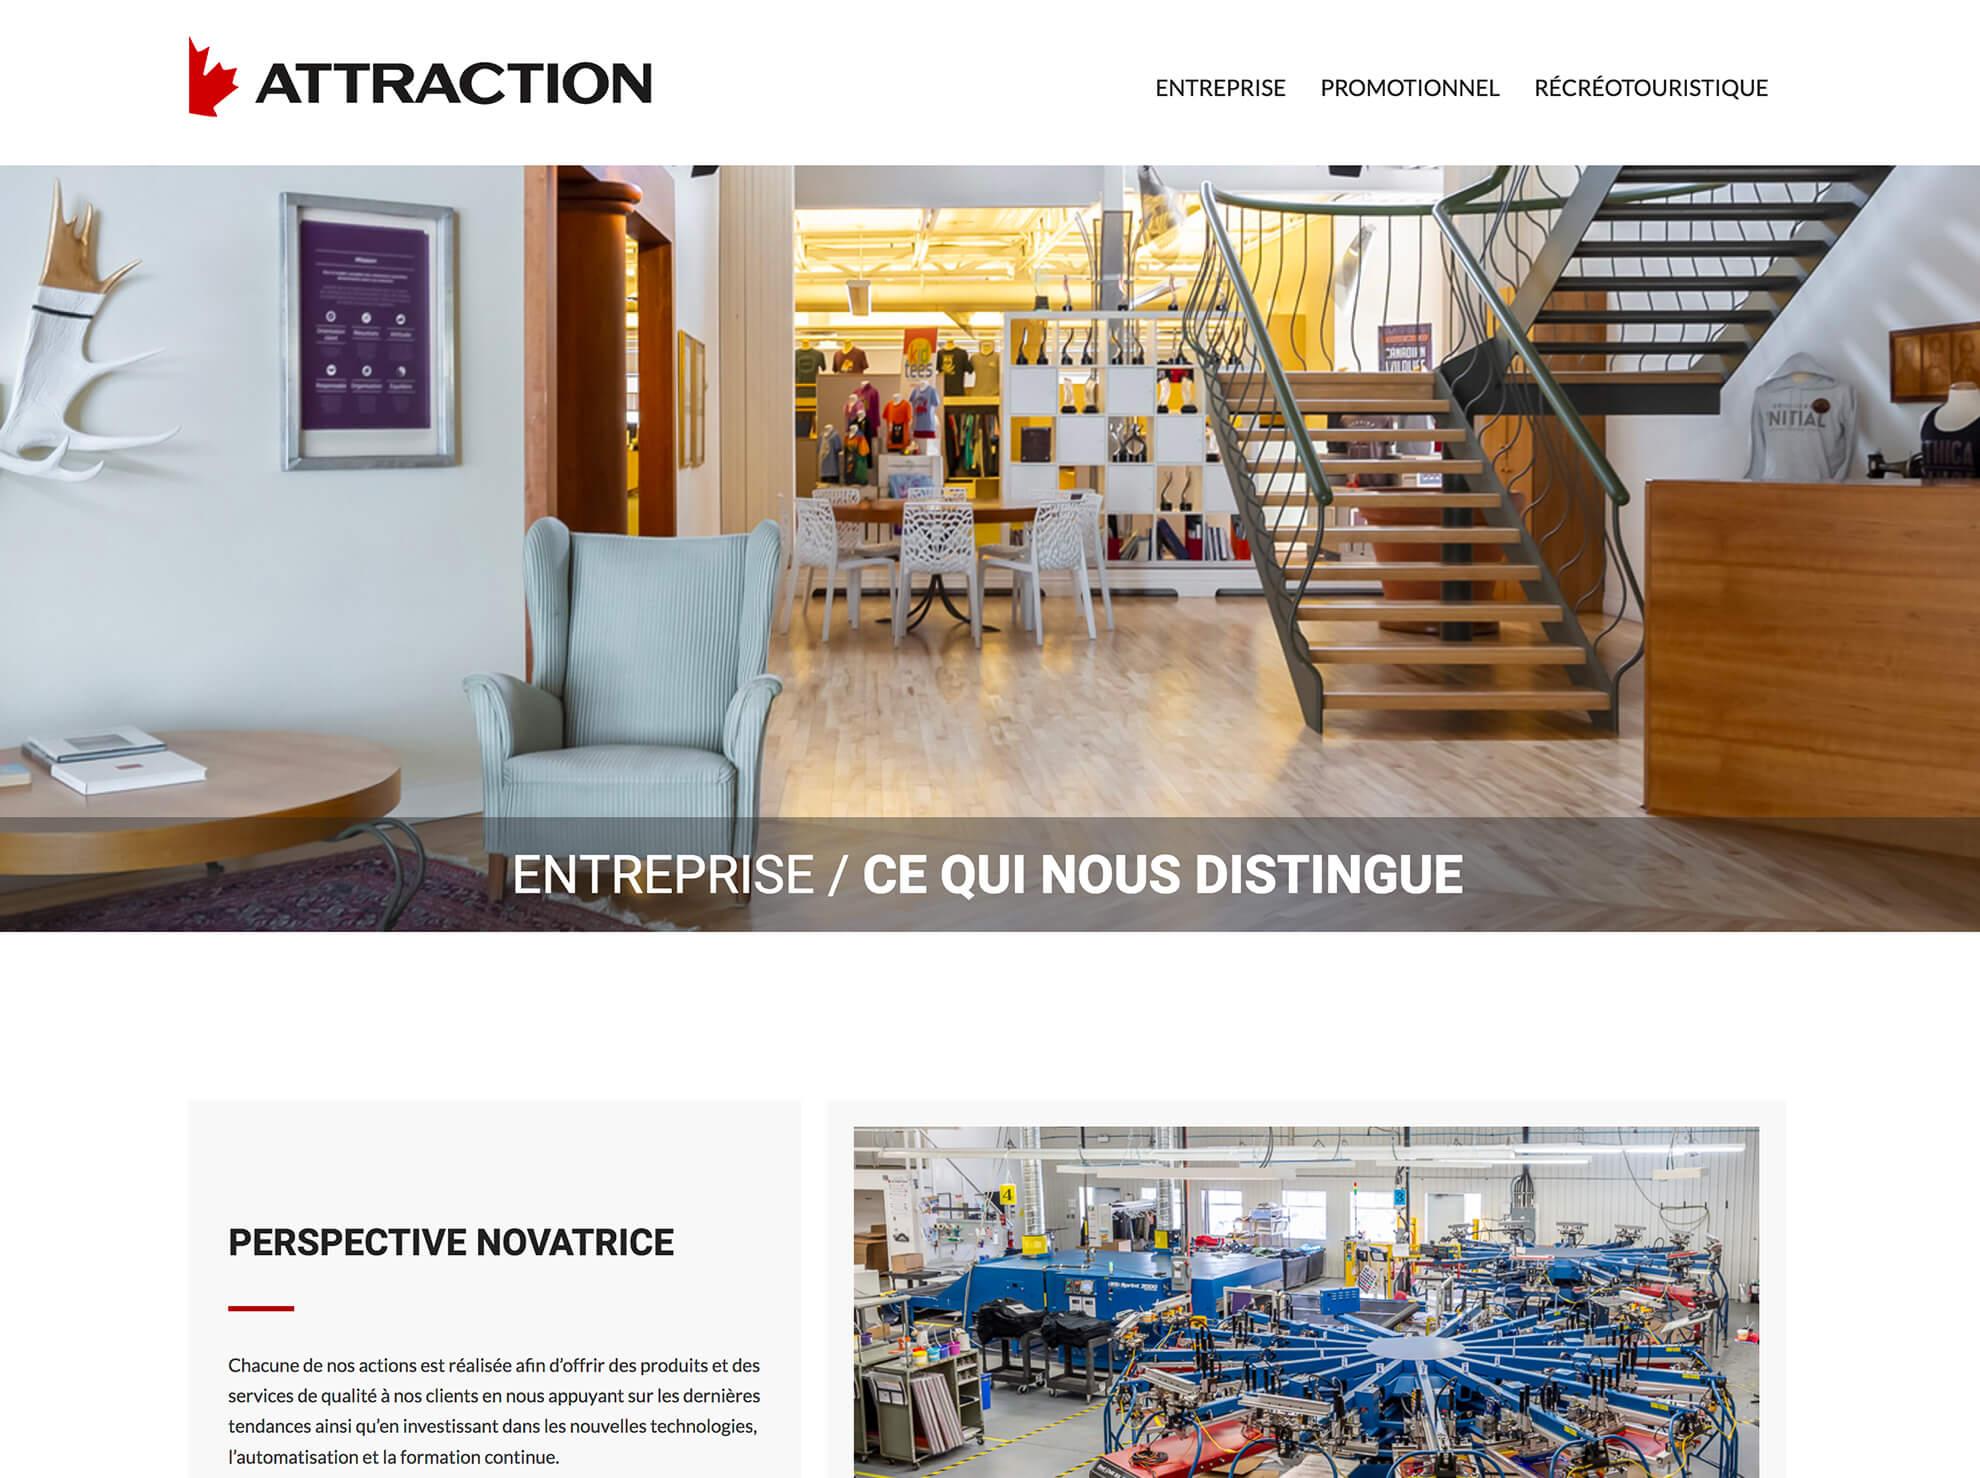 attraction-web-apres